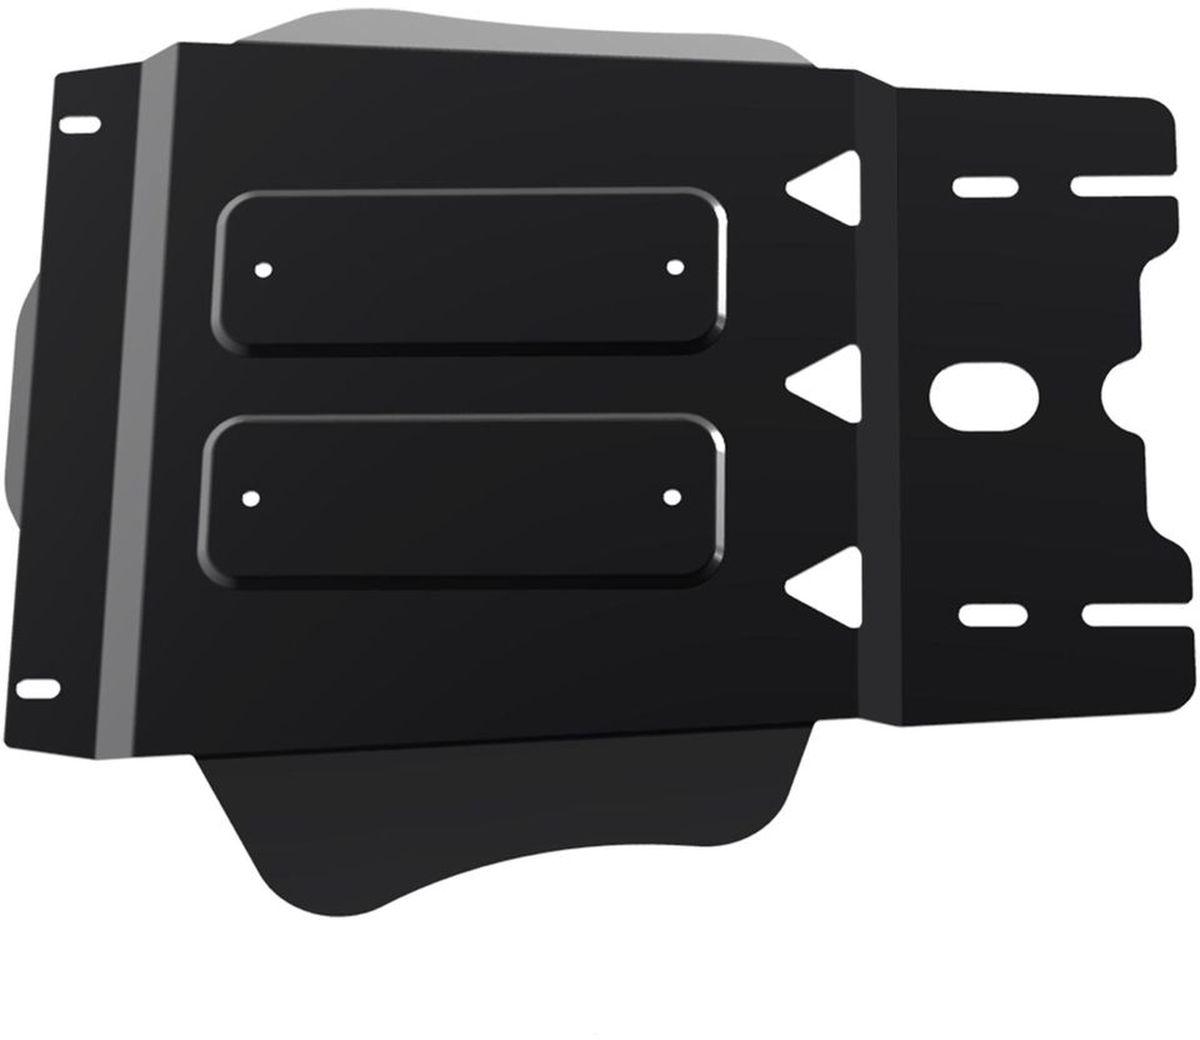 Защита КПП Автоброня, для VolkswagenCrafter, V - все (2006-)1004900000360Технологически совершенный продукт за невысокую стоимость.Защита разработана с учетом особенностей днища автомобиля, что позволяет сохранить дорожный просвет с минимальным изменением.Защита устанавливается в штатные места кузова автомобиля. Глубокий штамп обеспечивает до двух раз больше жесткости в сравнении с обычной защитой той же толщины. Проштампованные ребра жесткости препятствуют деформации защиты при ударах.Тепловой зазор и вентиляционные отверстия обеспечивают сохранение температурного режима двигателя в норме. Скрытый крепеж предотвращает срыв крепежных элементов при наезде на препятствие.Шумопоглощающие резиновые элементы обеспечивают комфортную езду без вибраций и скрежета металла, а съемные лючки для слива масла и замены фильтра - экономию средств и время.Конструкция изделия не влияет на пассивную безопасность автомобиля (при ударе защита не воздействует на деформационные зоны кузова). Со штатным крепежом. В комплекте инструкция по установке.Толщина стали: 2 мм.Уважаемые клиенты!Обращаем ваше внимание, что элемент защиты имеет форму, соответствующую модели данного автомобиля. Фото служит для визуального восприятия товара и может отличаться от фактического.